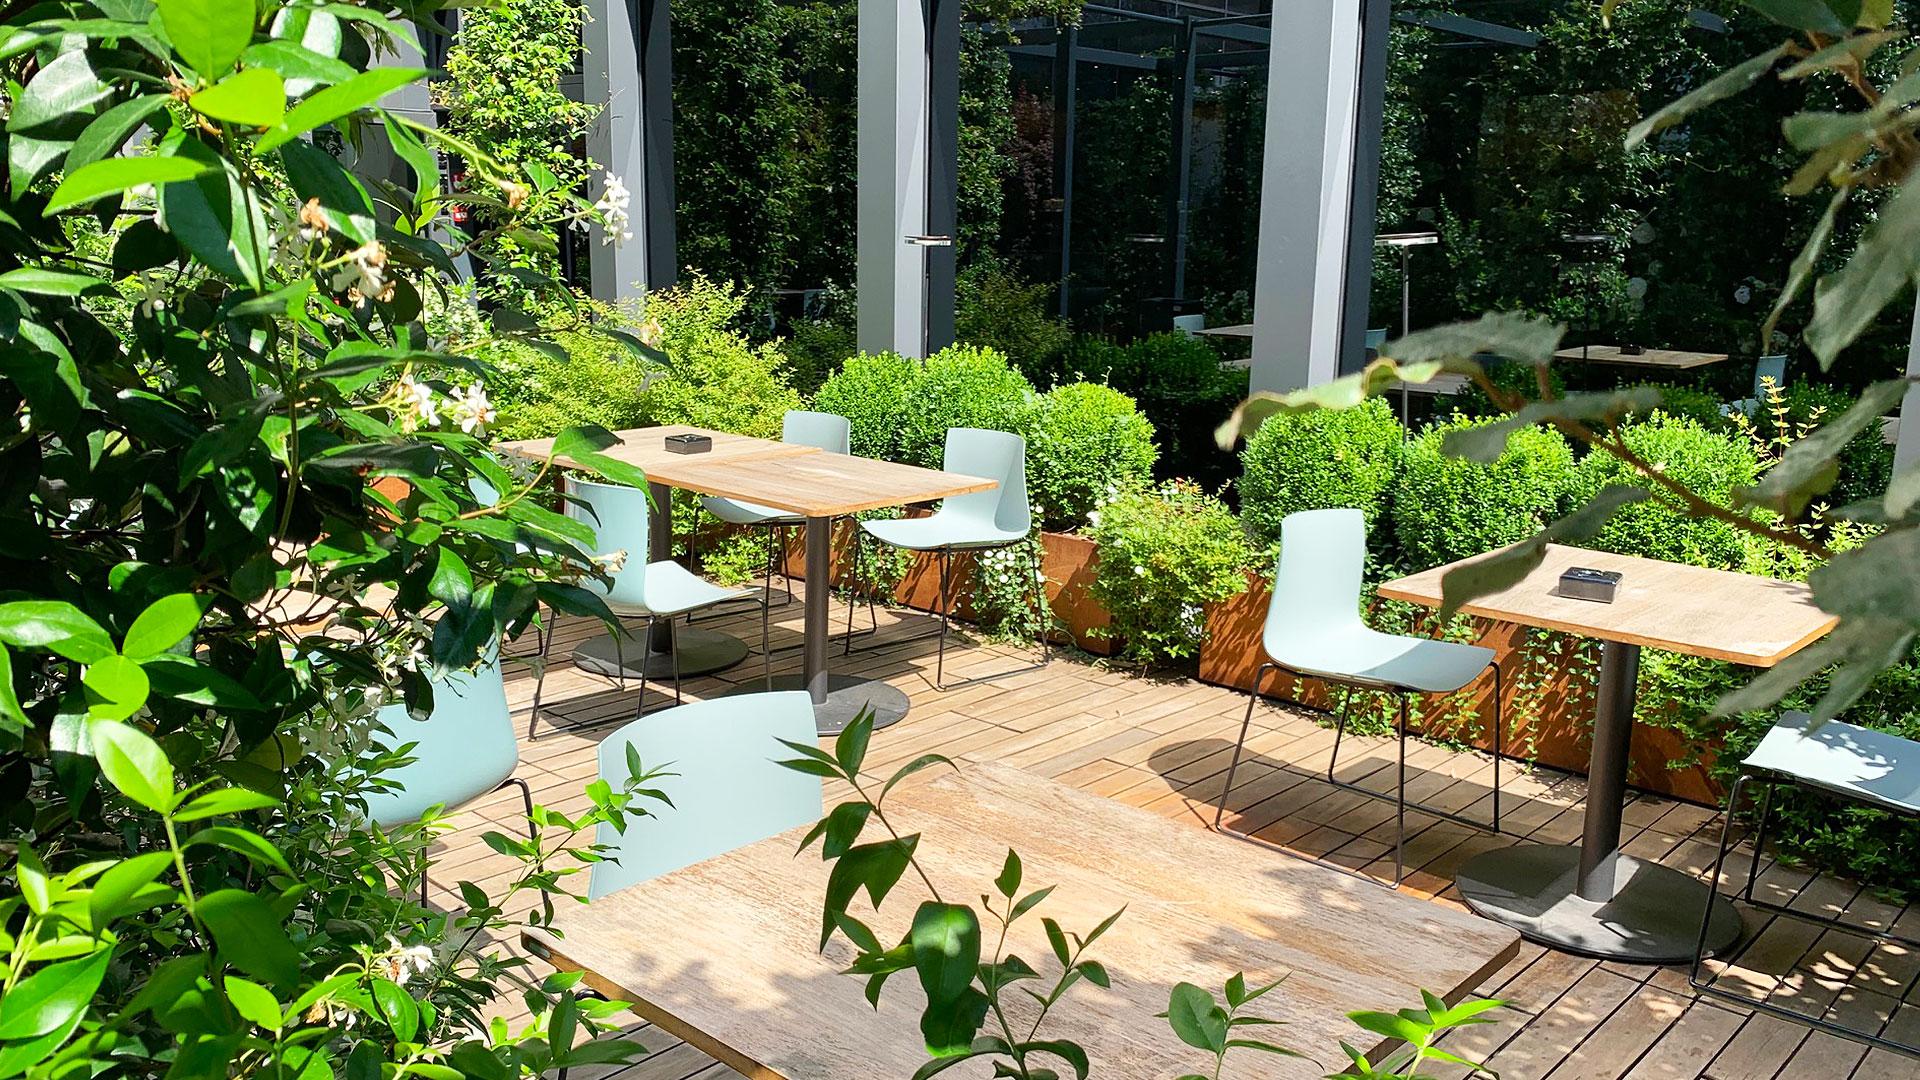 植物に囲まれたテラス席